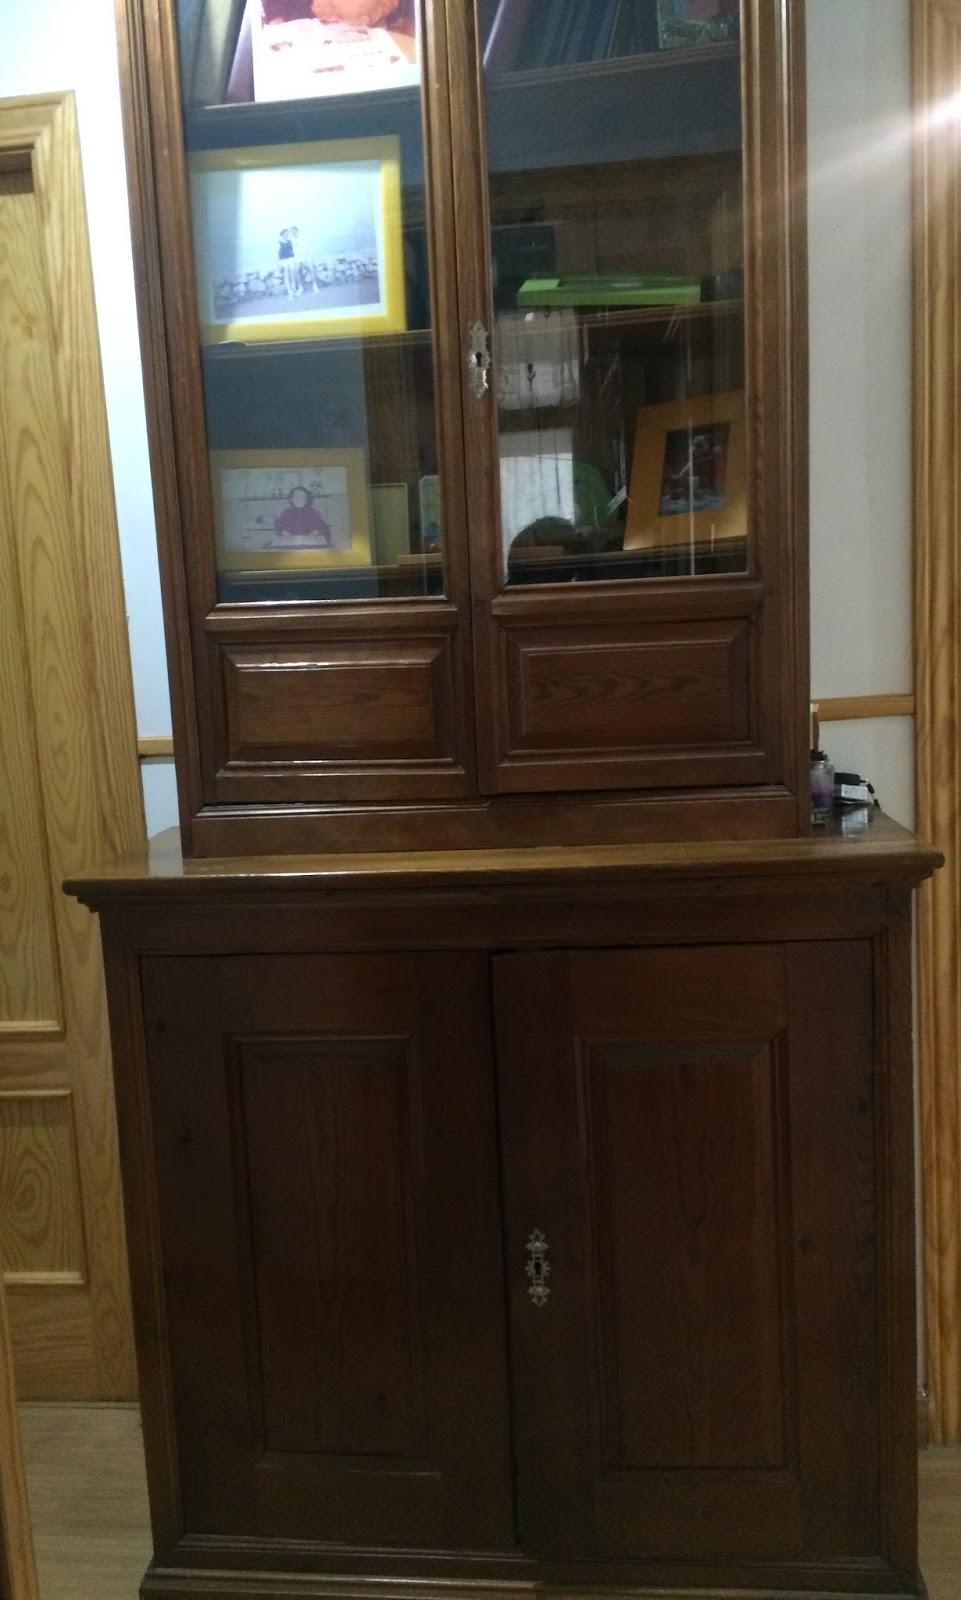 Restaurando mi viejo mueble for Mueble viejo